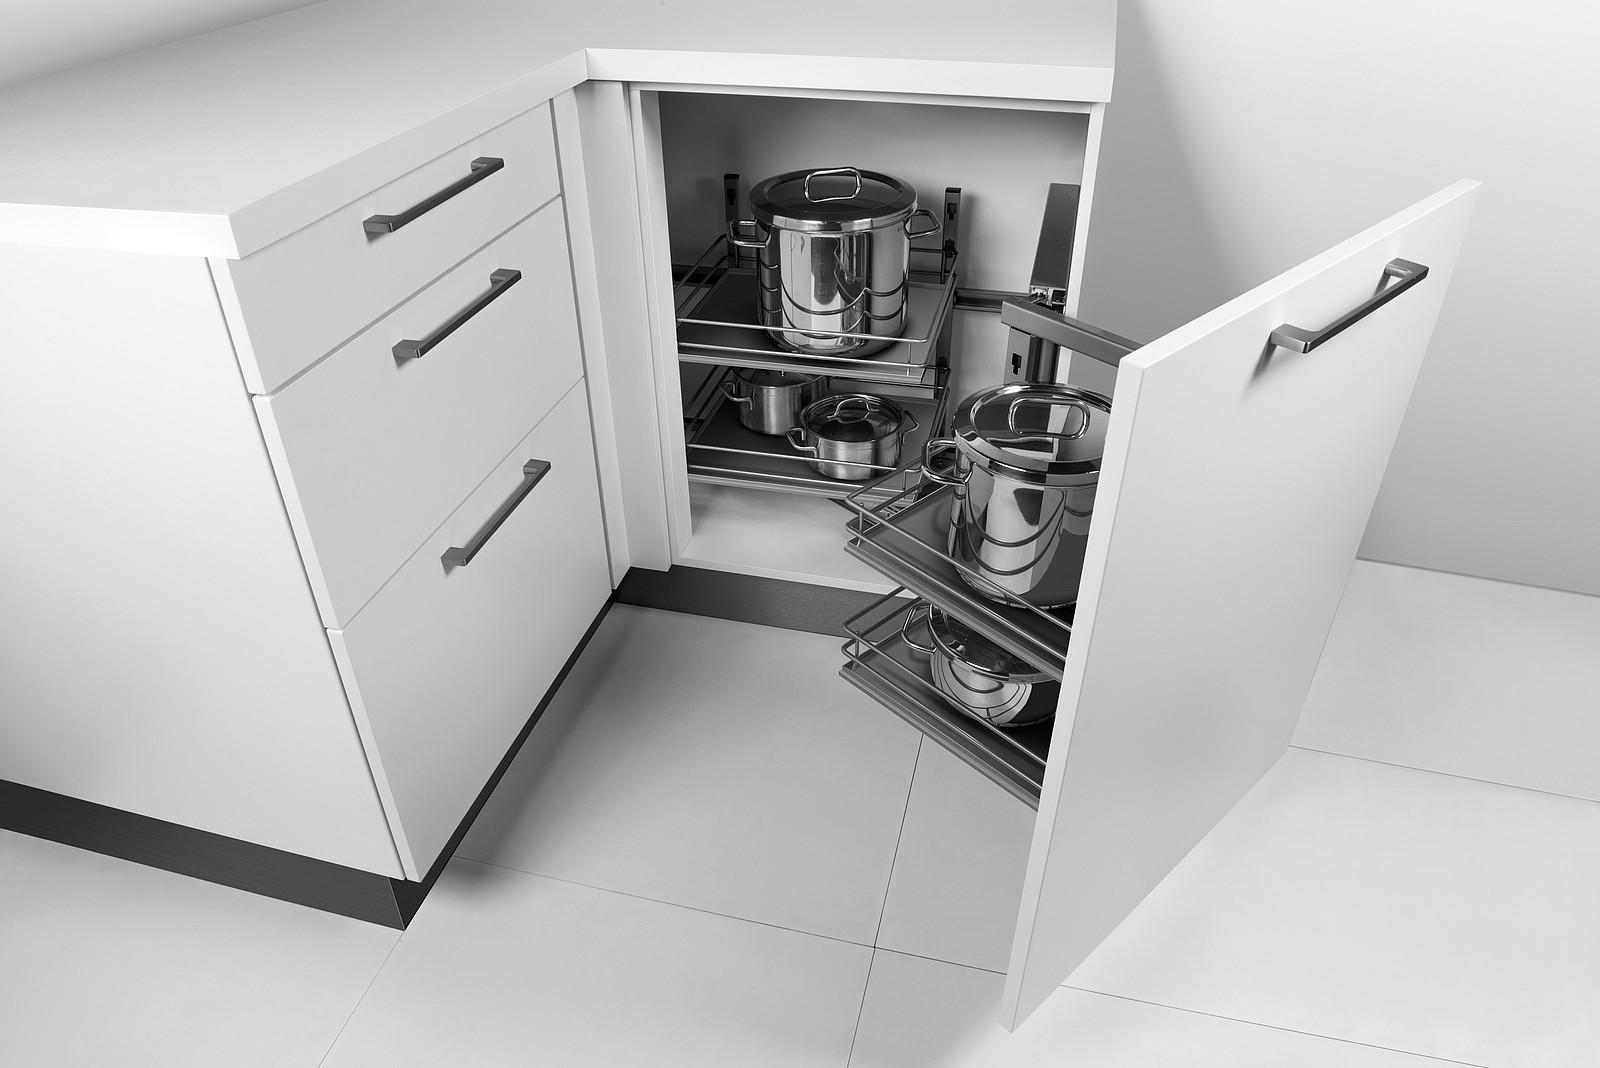 Full Size of Miniküche Mit Spülmaschine Eckschrank In Der Kche Alle Ecklsungen Im Berblick Fenster Eingebauten Rolladen Ikea Sofa Schlaffunktion Spiegelschrank Bad Wohnzimmer Miniküche Mit Spülmaschine